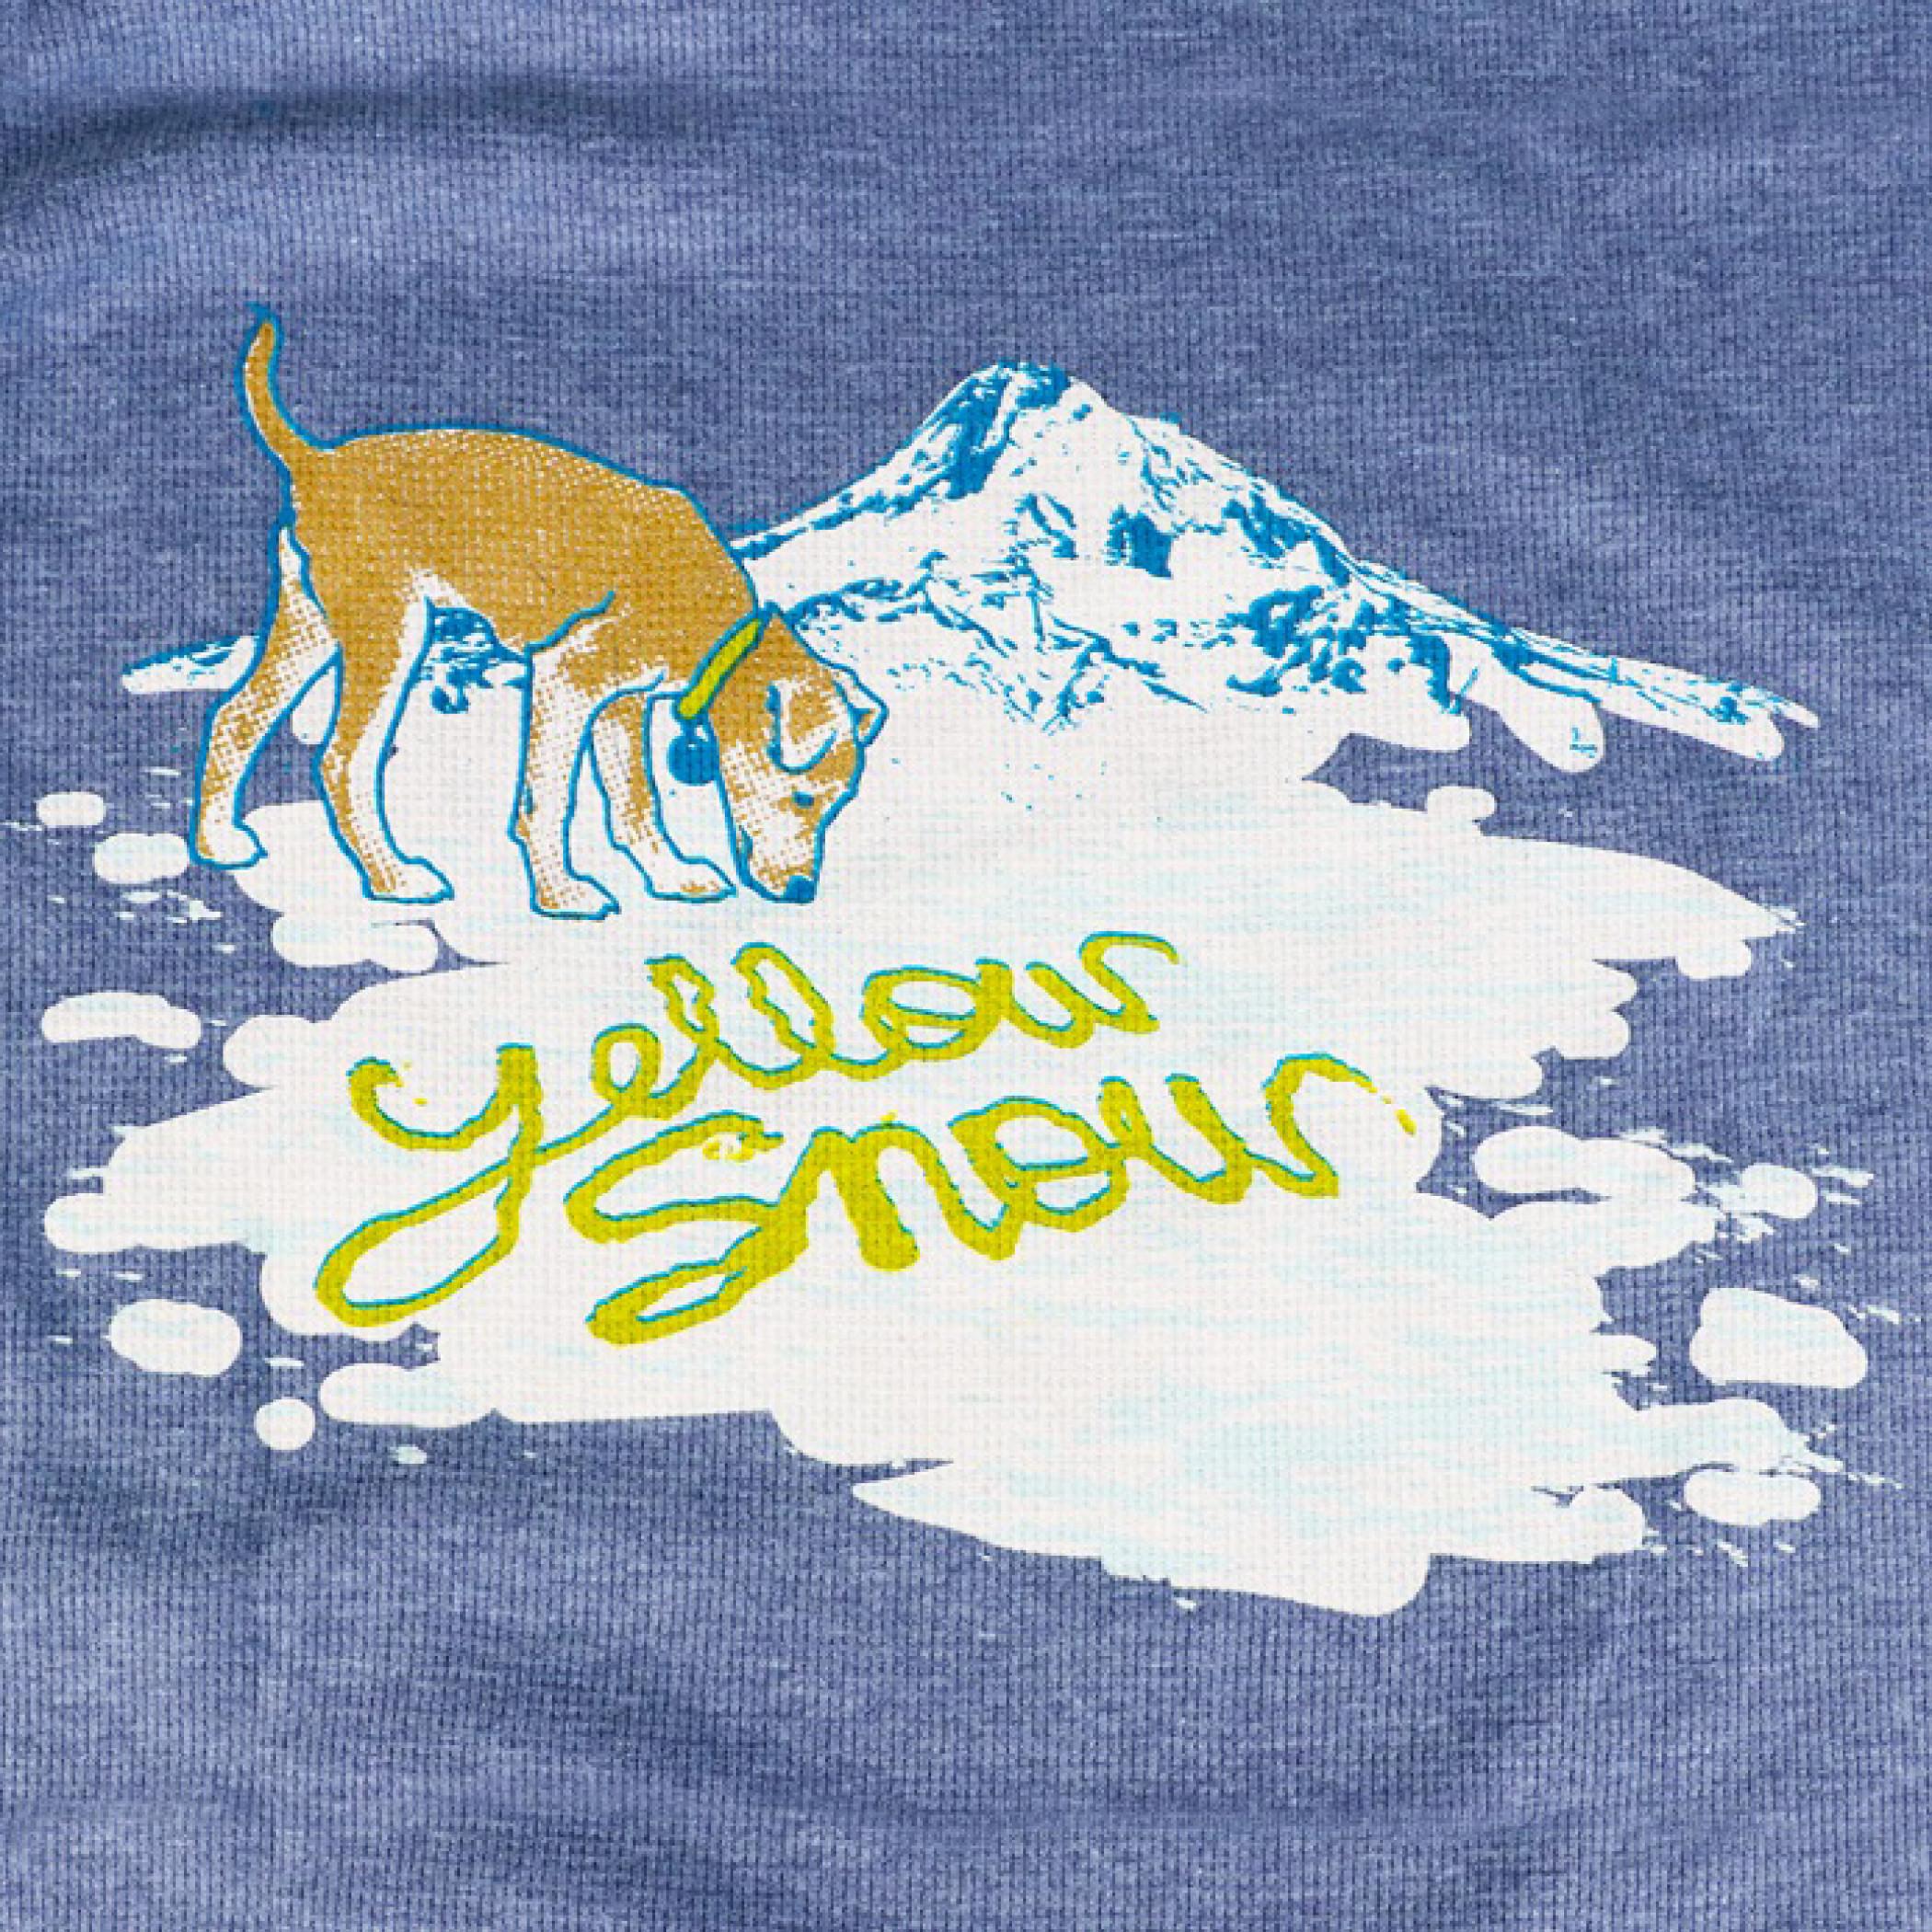 Rogue Ales Yellow Snow Thermal Long Sleeve Shirt